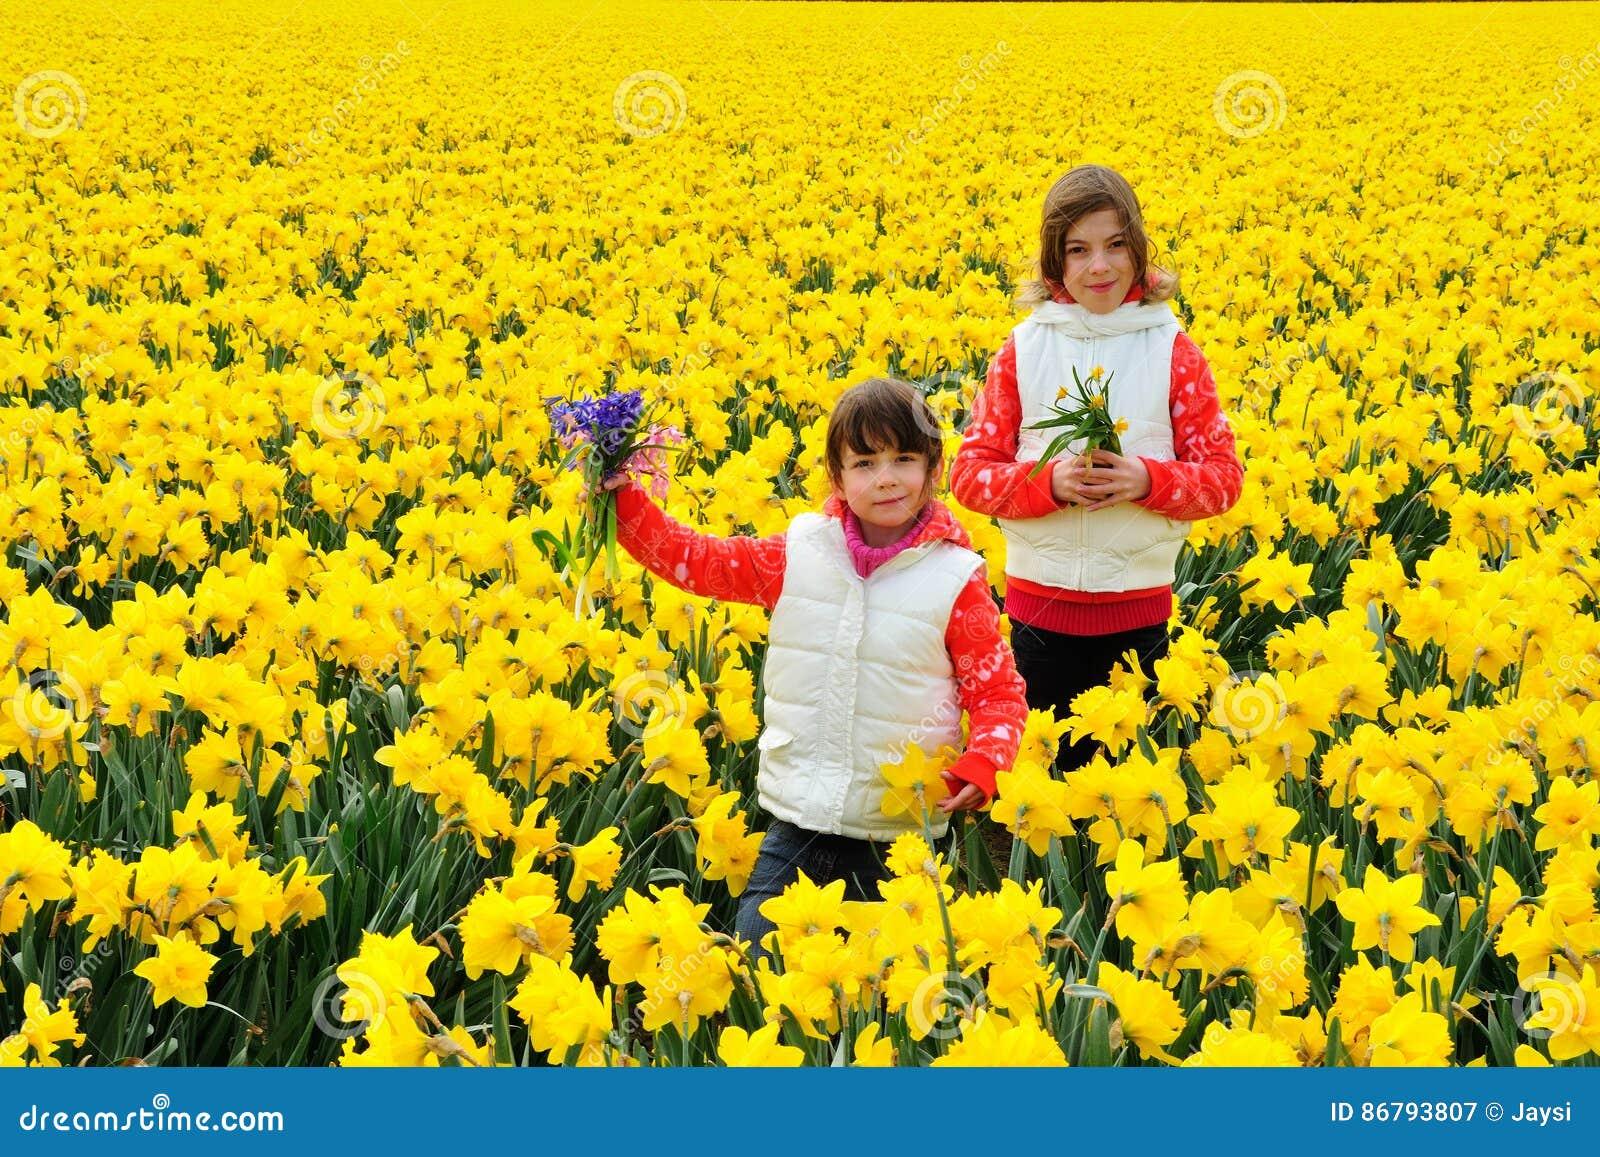 Szczęśliwi dzieciaki z wiosną kwitną na żółtych daffodils pola, dzieci na wakacje w holandiach